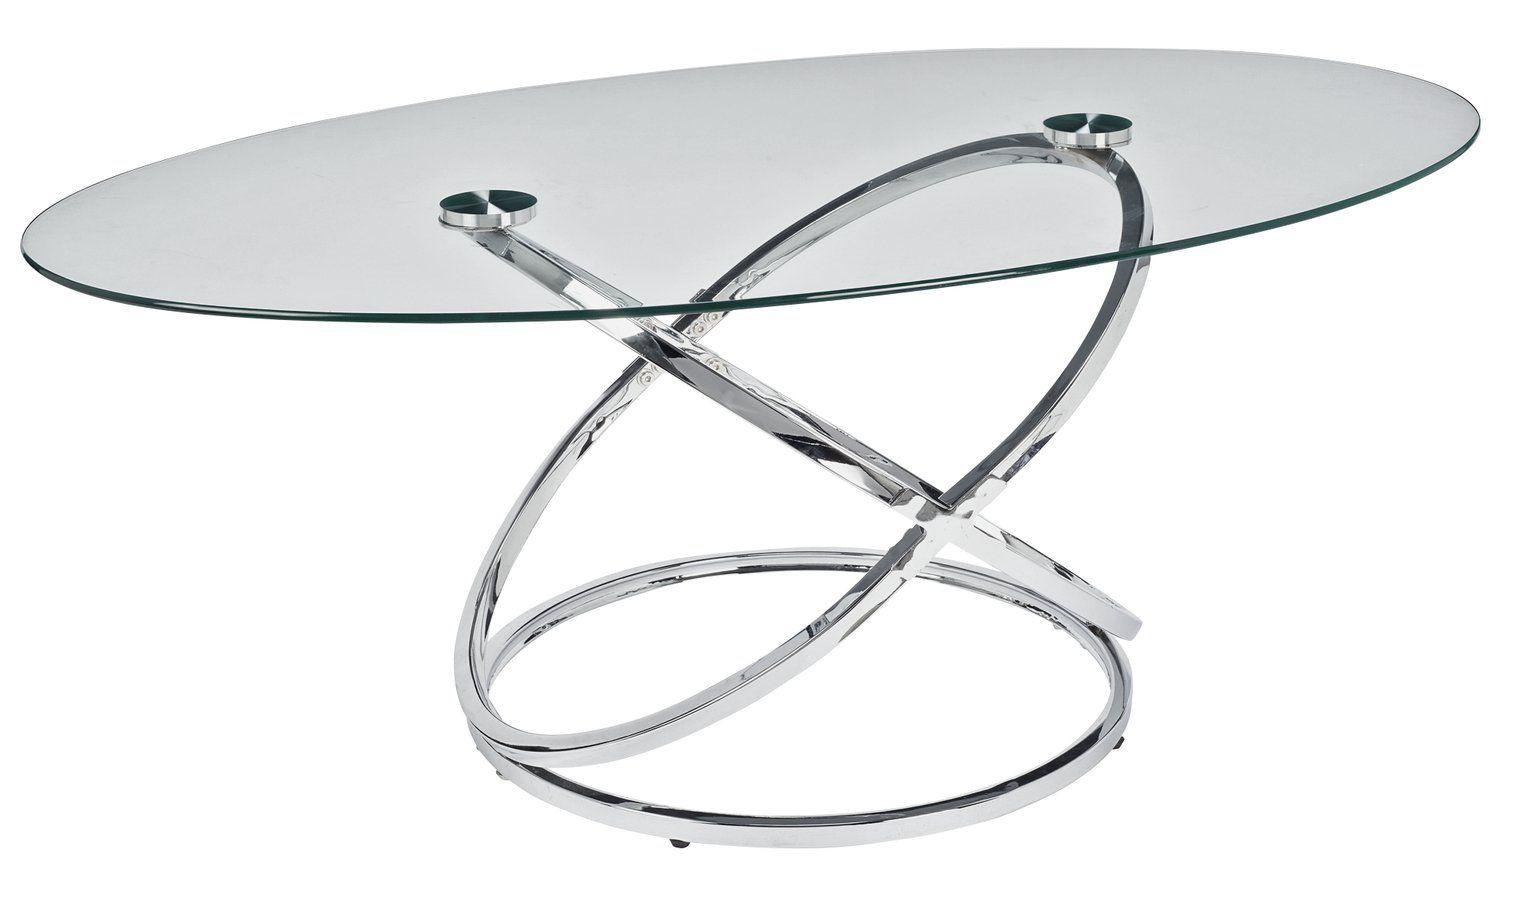 Argos Home Atom Glass Coffee Table 129 99 Argos Glass Coffee Table Glass Coffee Table Styling Silver Coffee Table [ 908 x 1531 Pixel ]